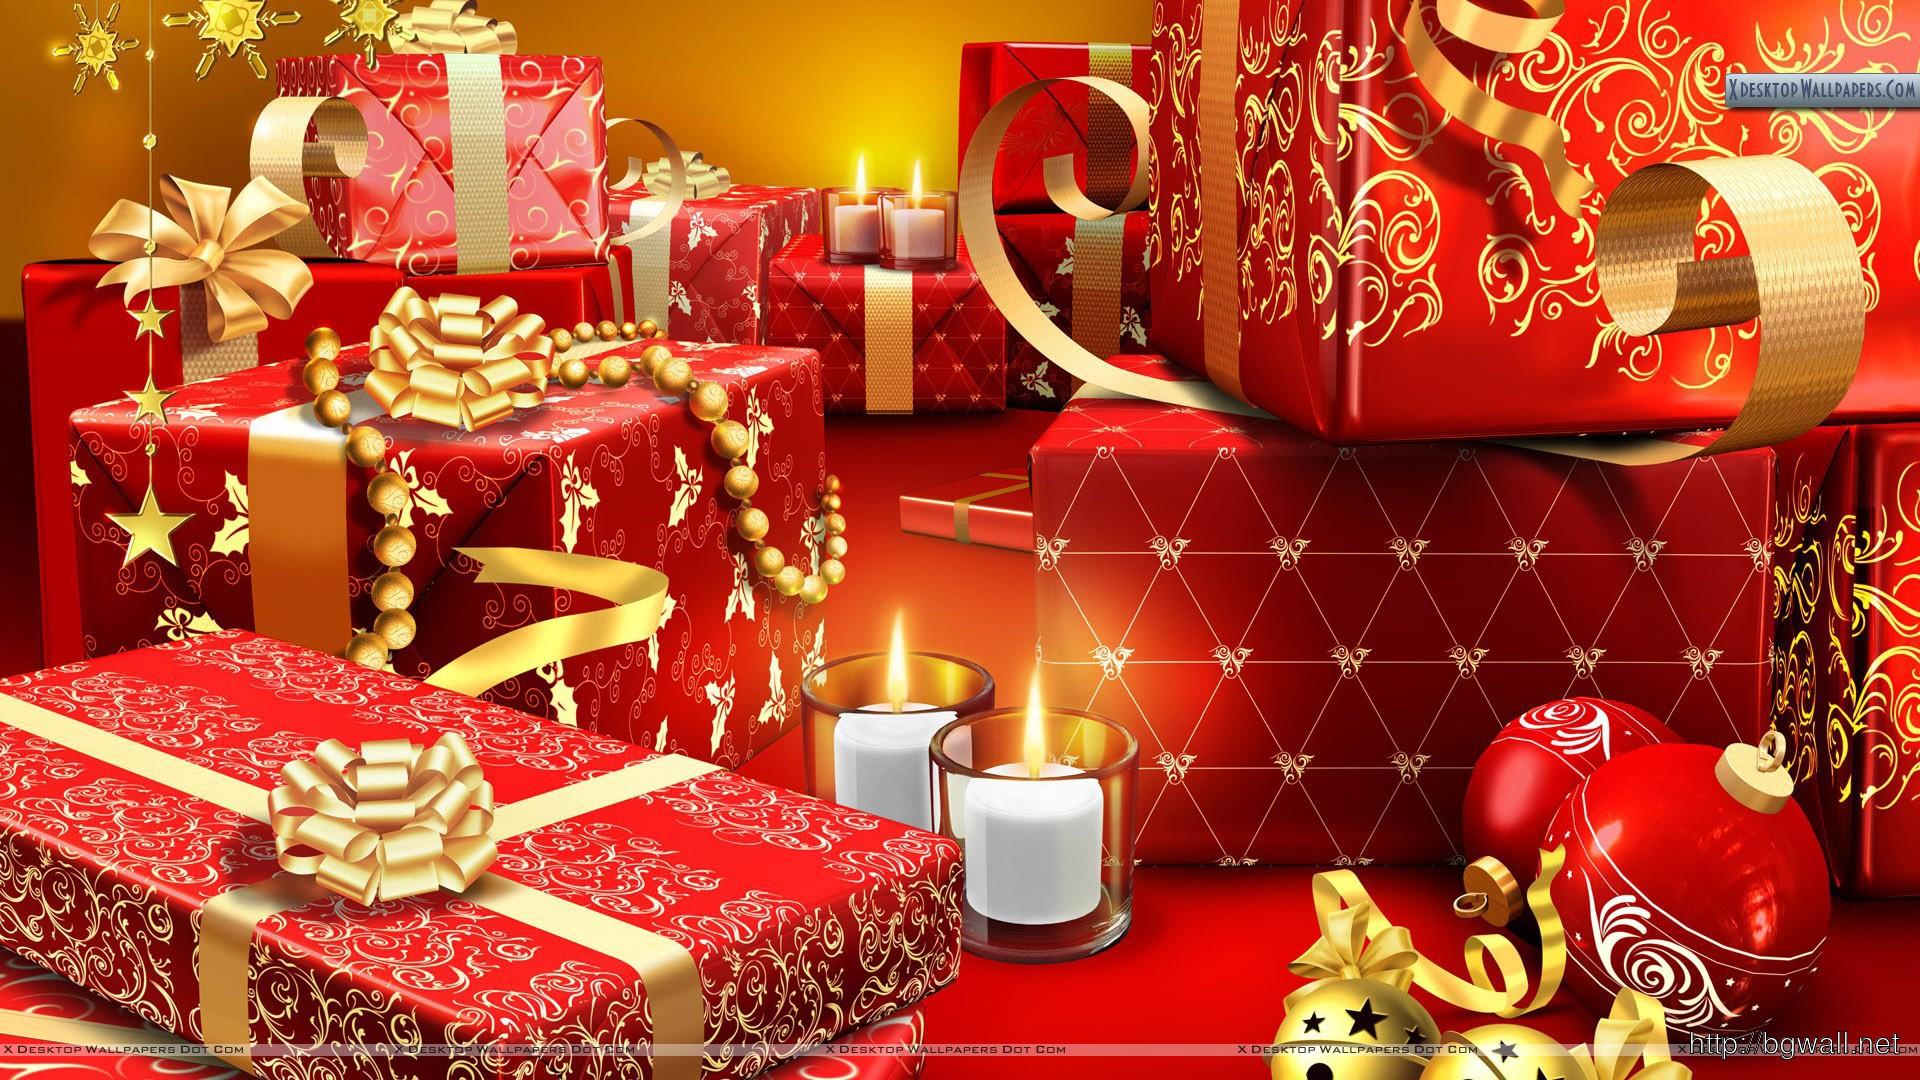 Santas Gifts At Christmas Wallpaper Full Size